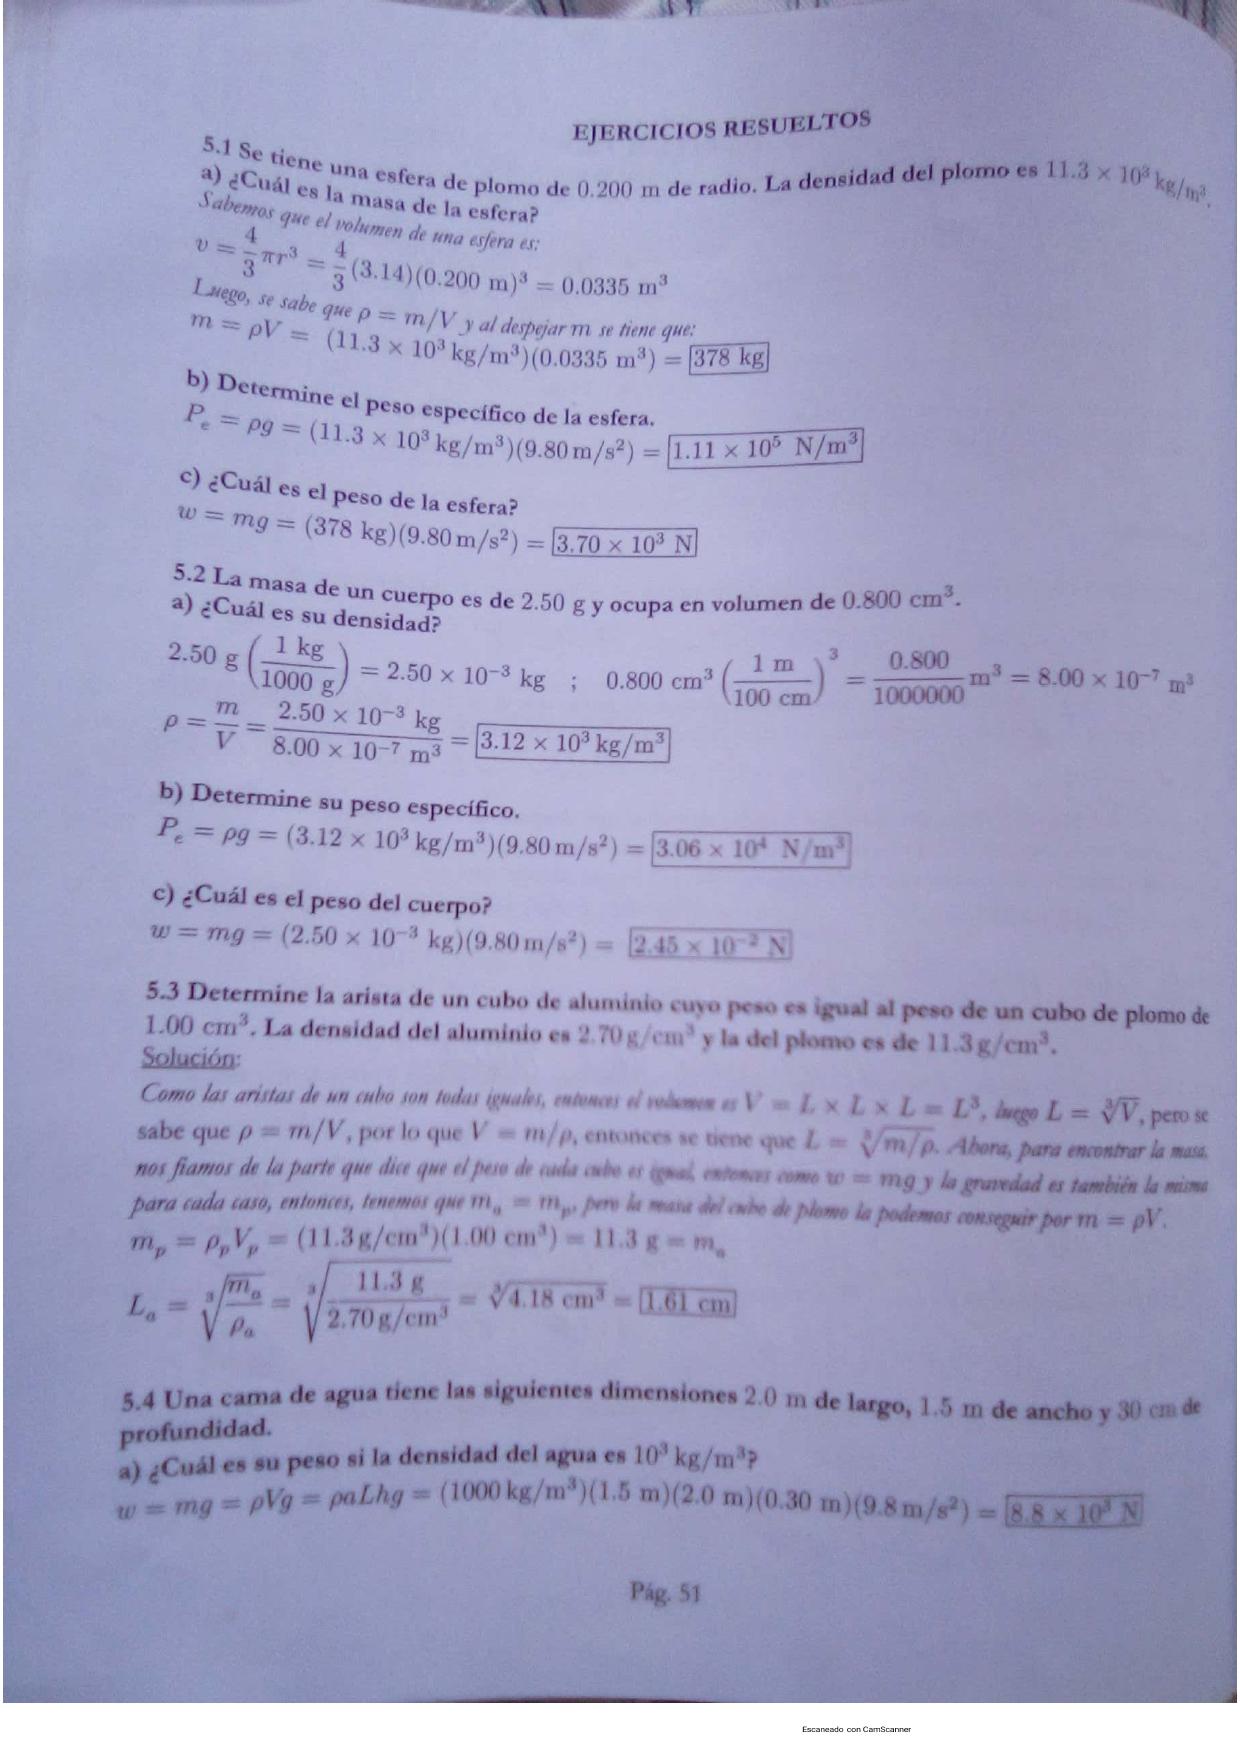 cuaderno-de-trabajo-f-sica-b-sica-page-0051